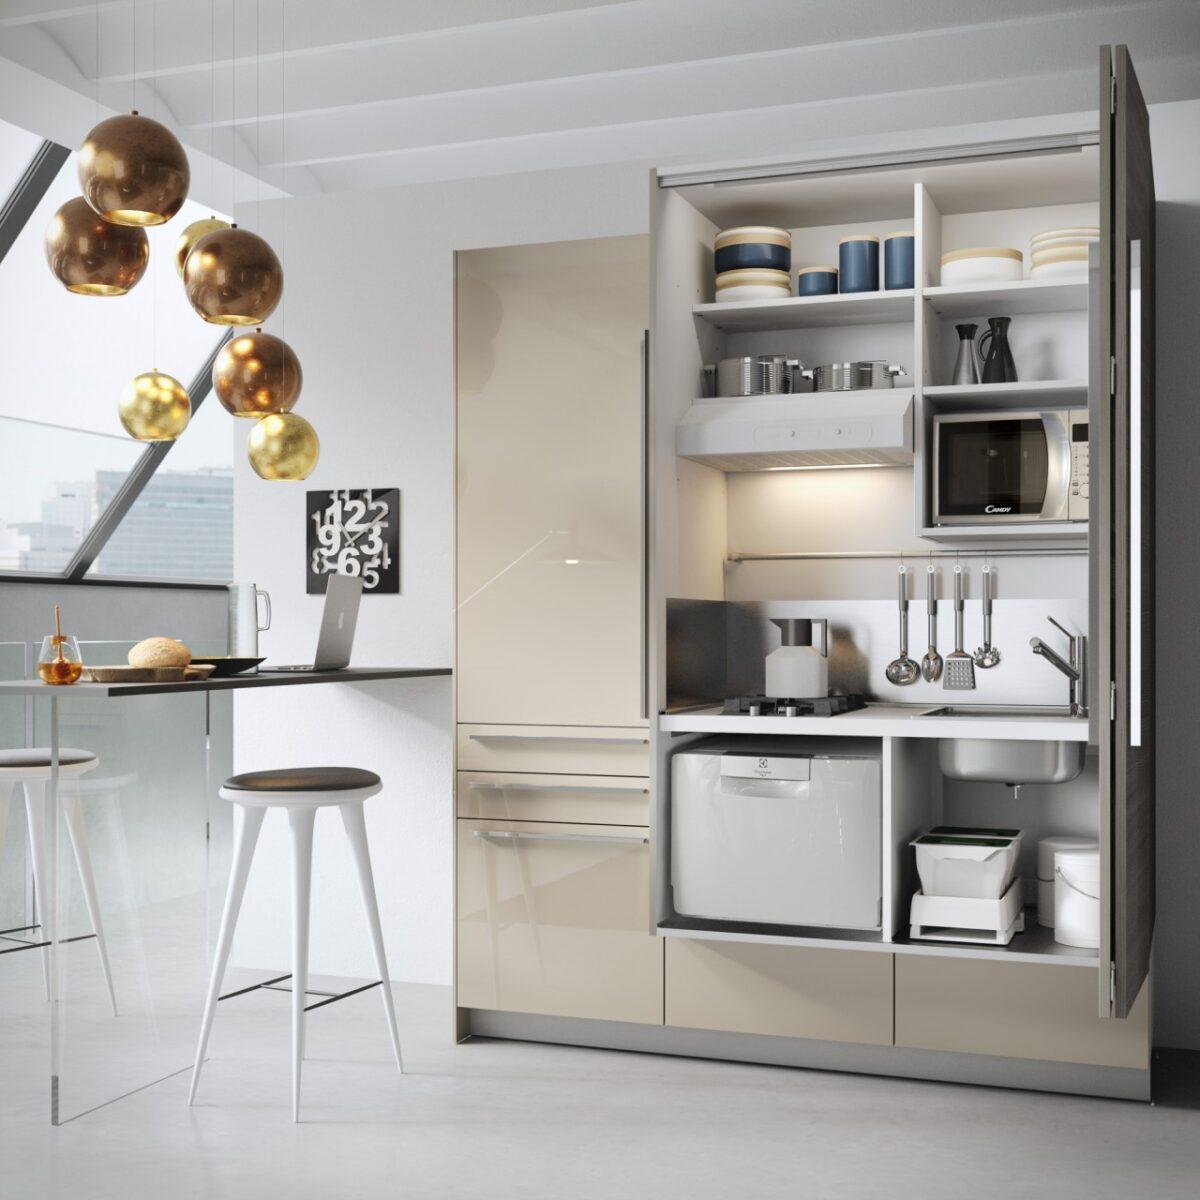 Cucina monoblocco: idee, progetti, prezzi